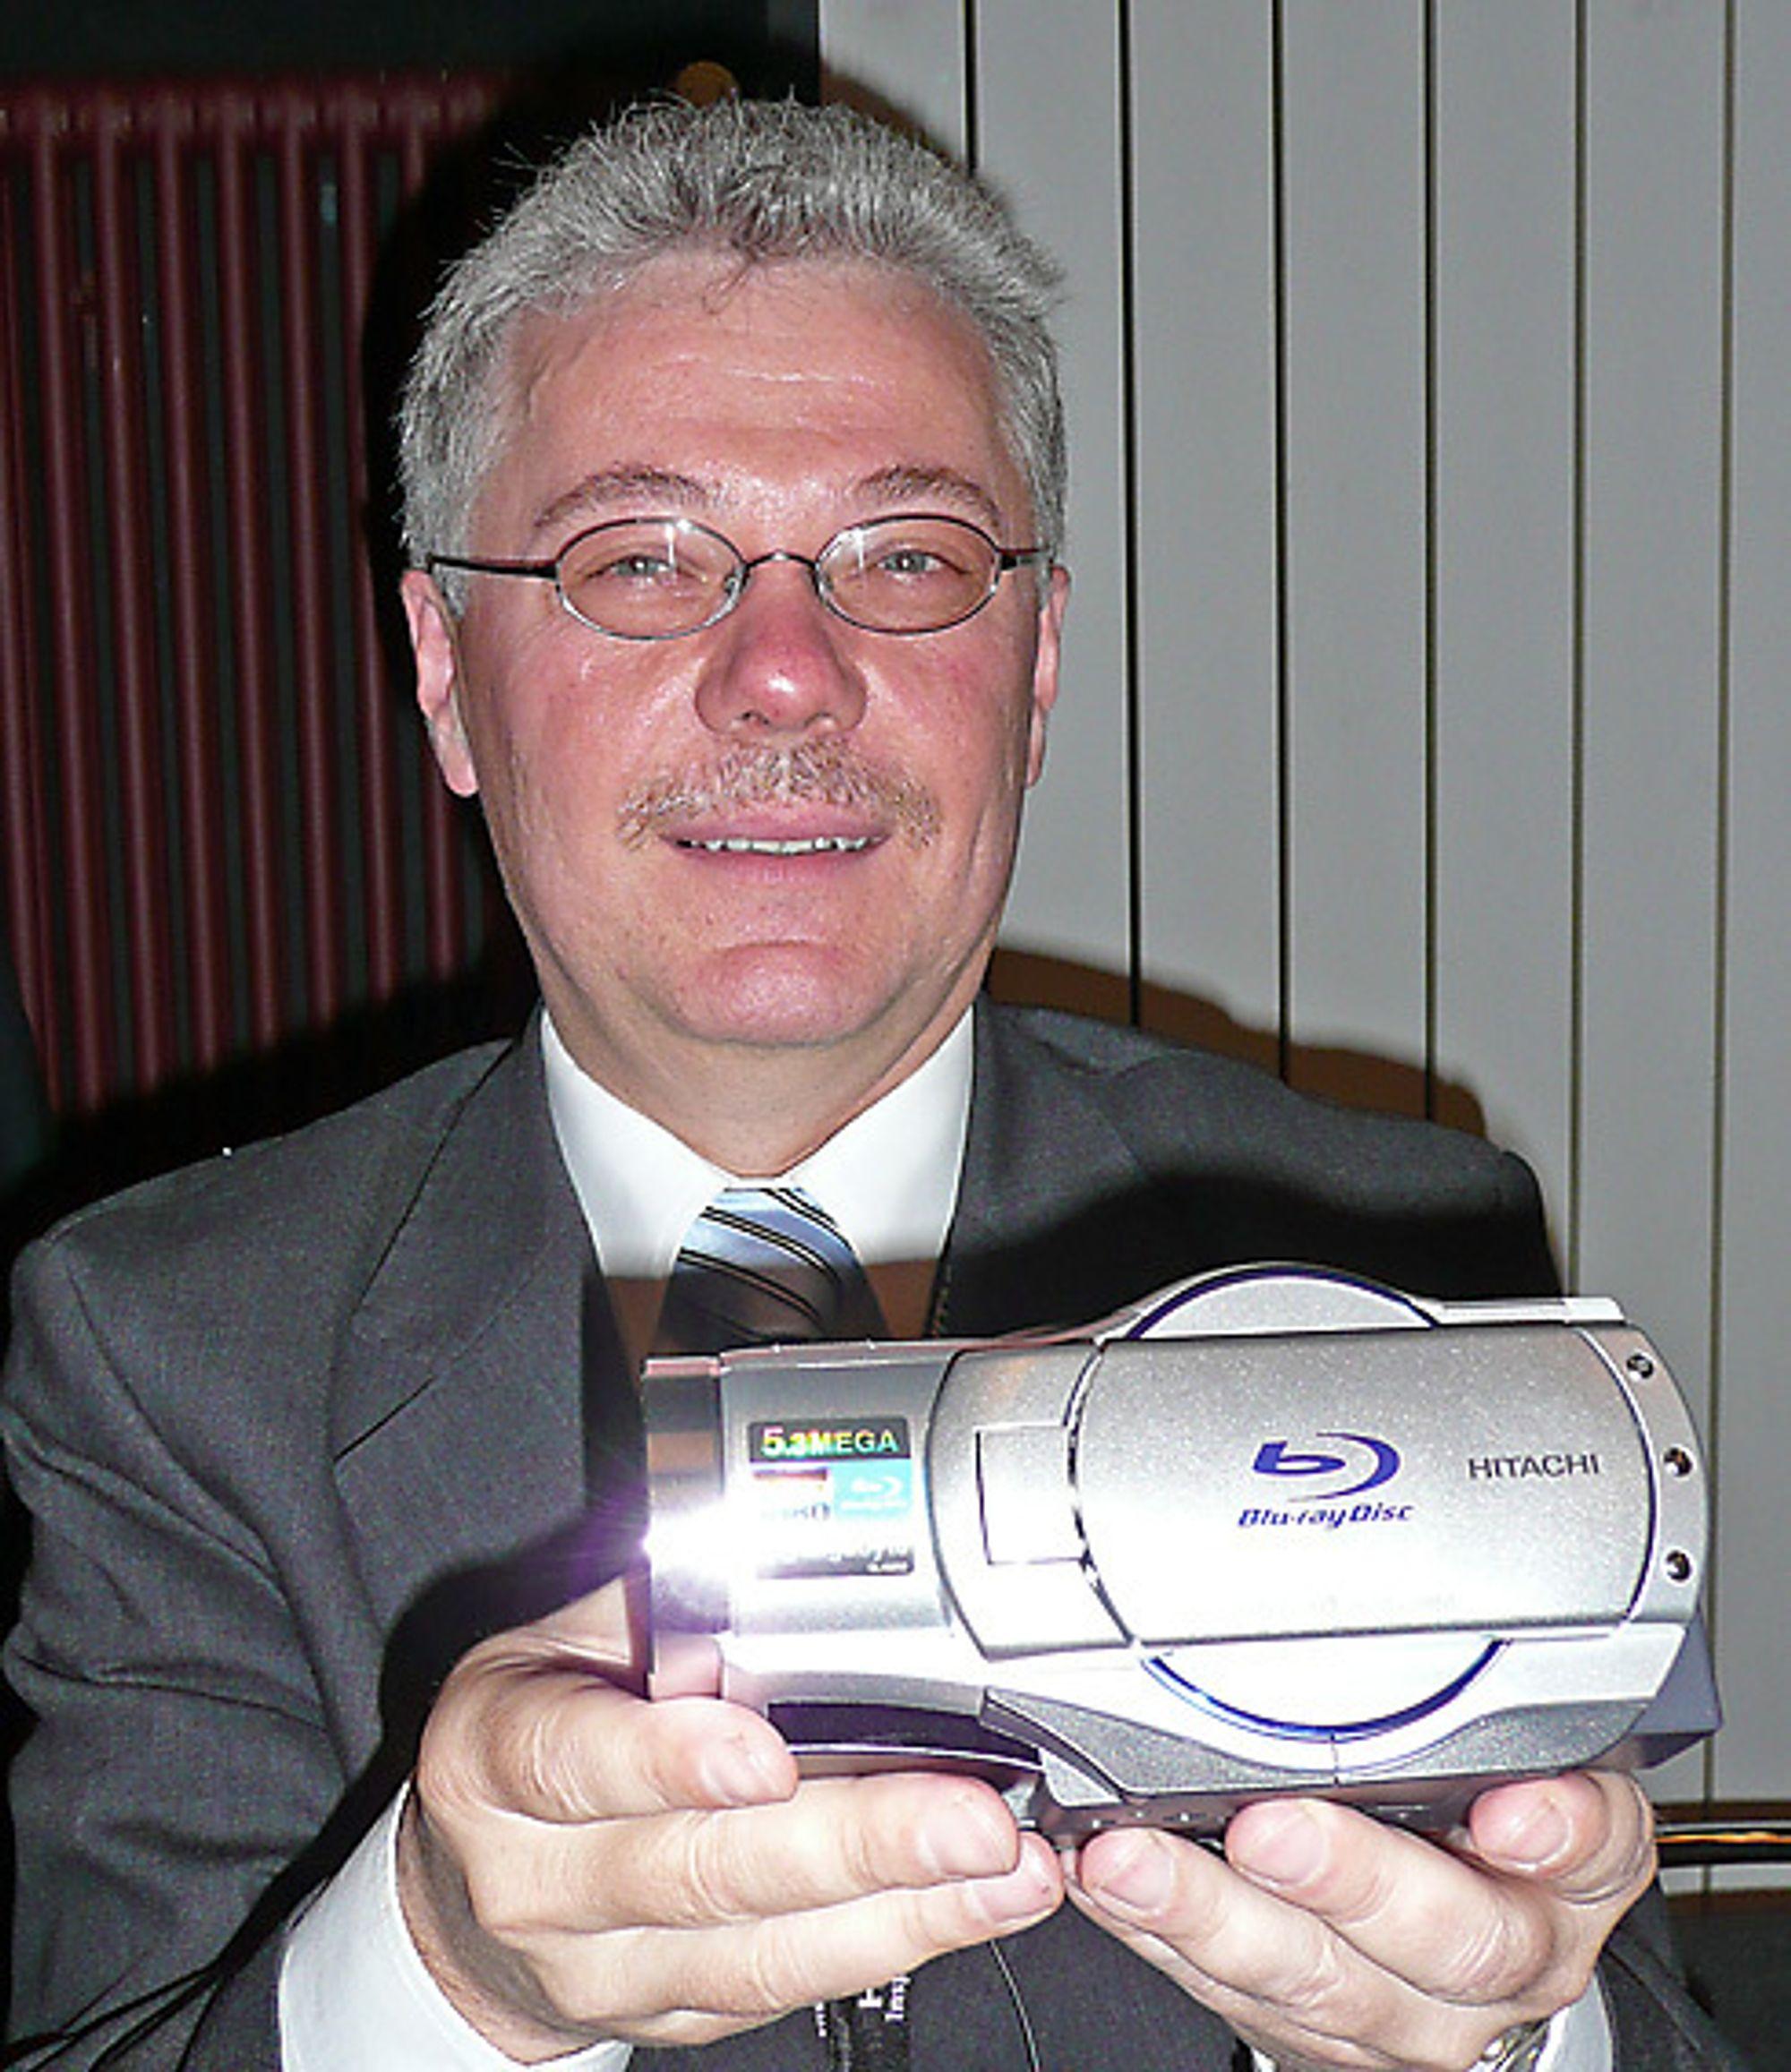 Hitachi legger alle egg i Blu-ray-kurven med ny HD-opptaker som lagrer rett på små Blu-ray-discer. Kamaerat bruker en 8 cm BD med 7,5 GB kapasitet og koster 18 euro. - Prisen faller raskt, sier Roland Fritch i Hitachi.